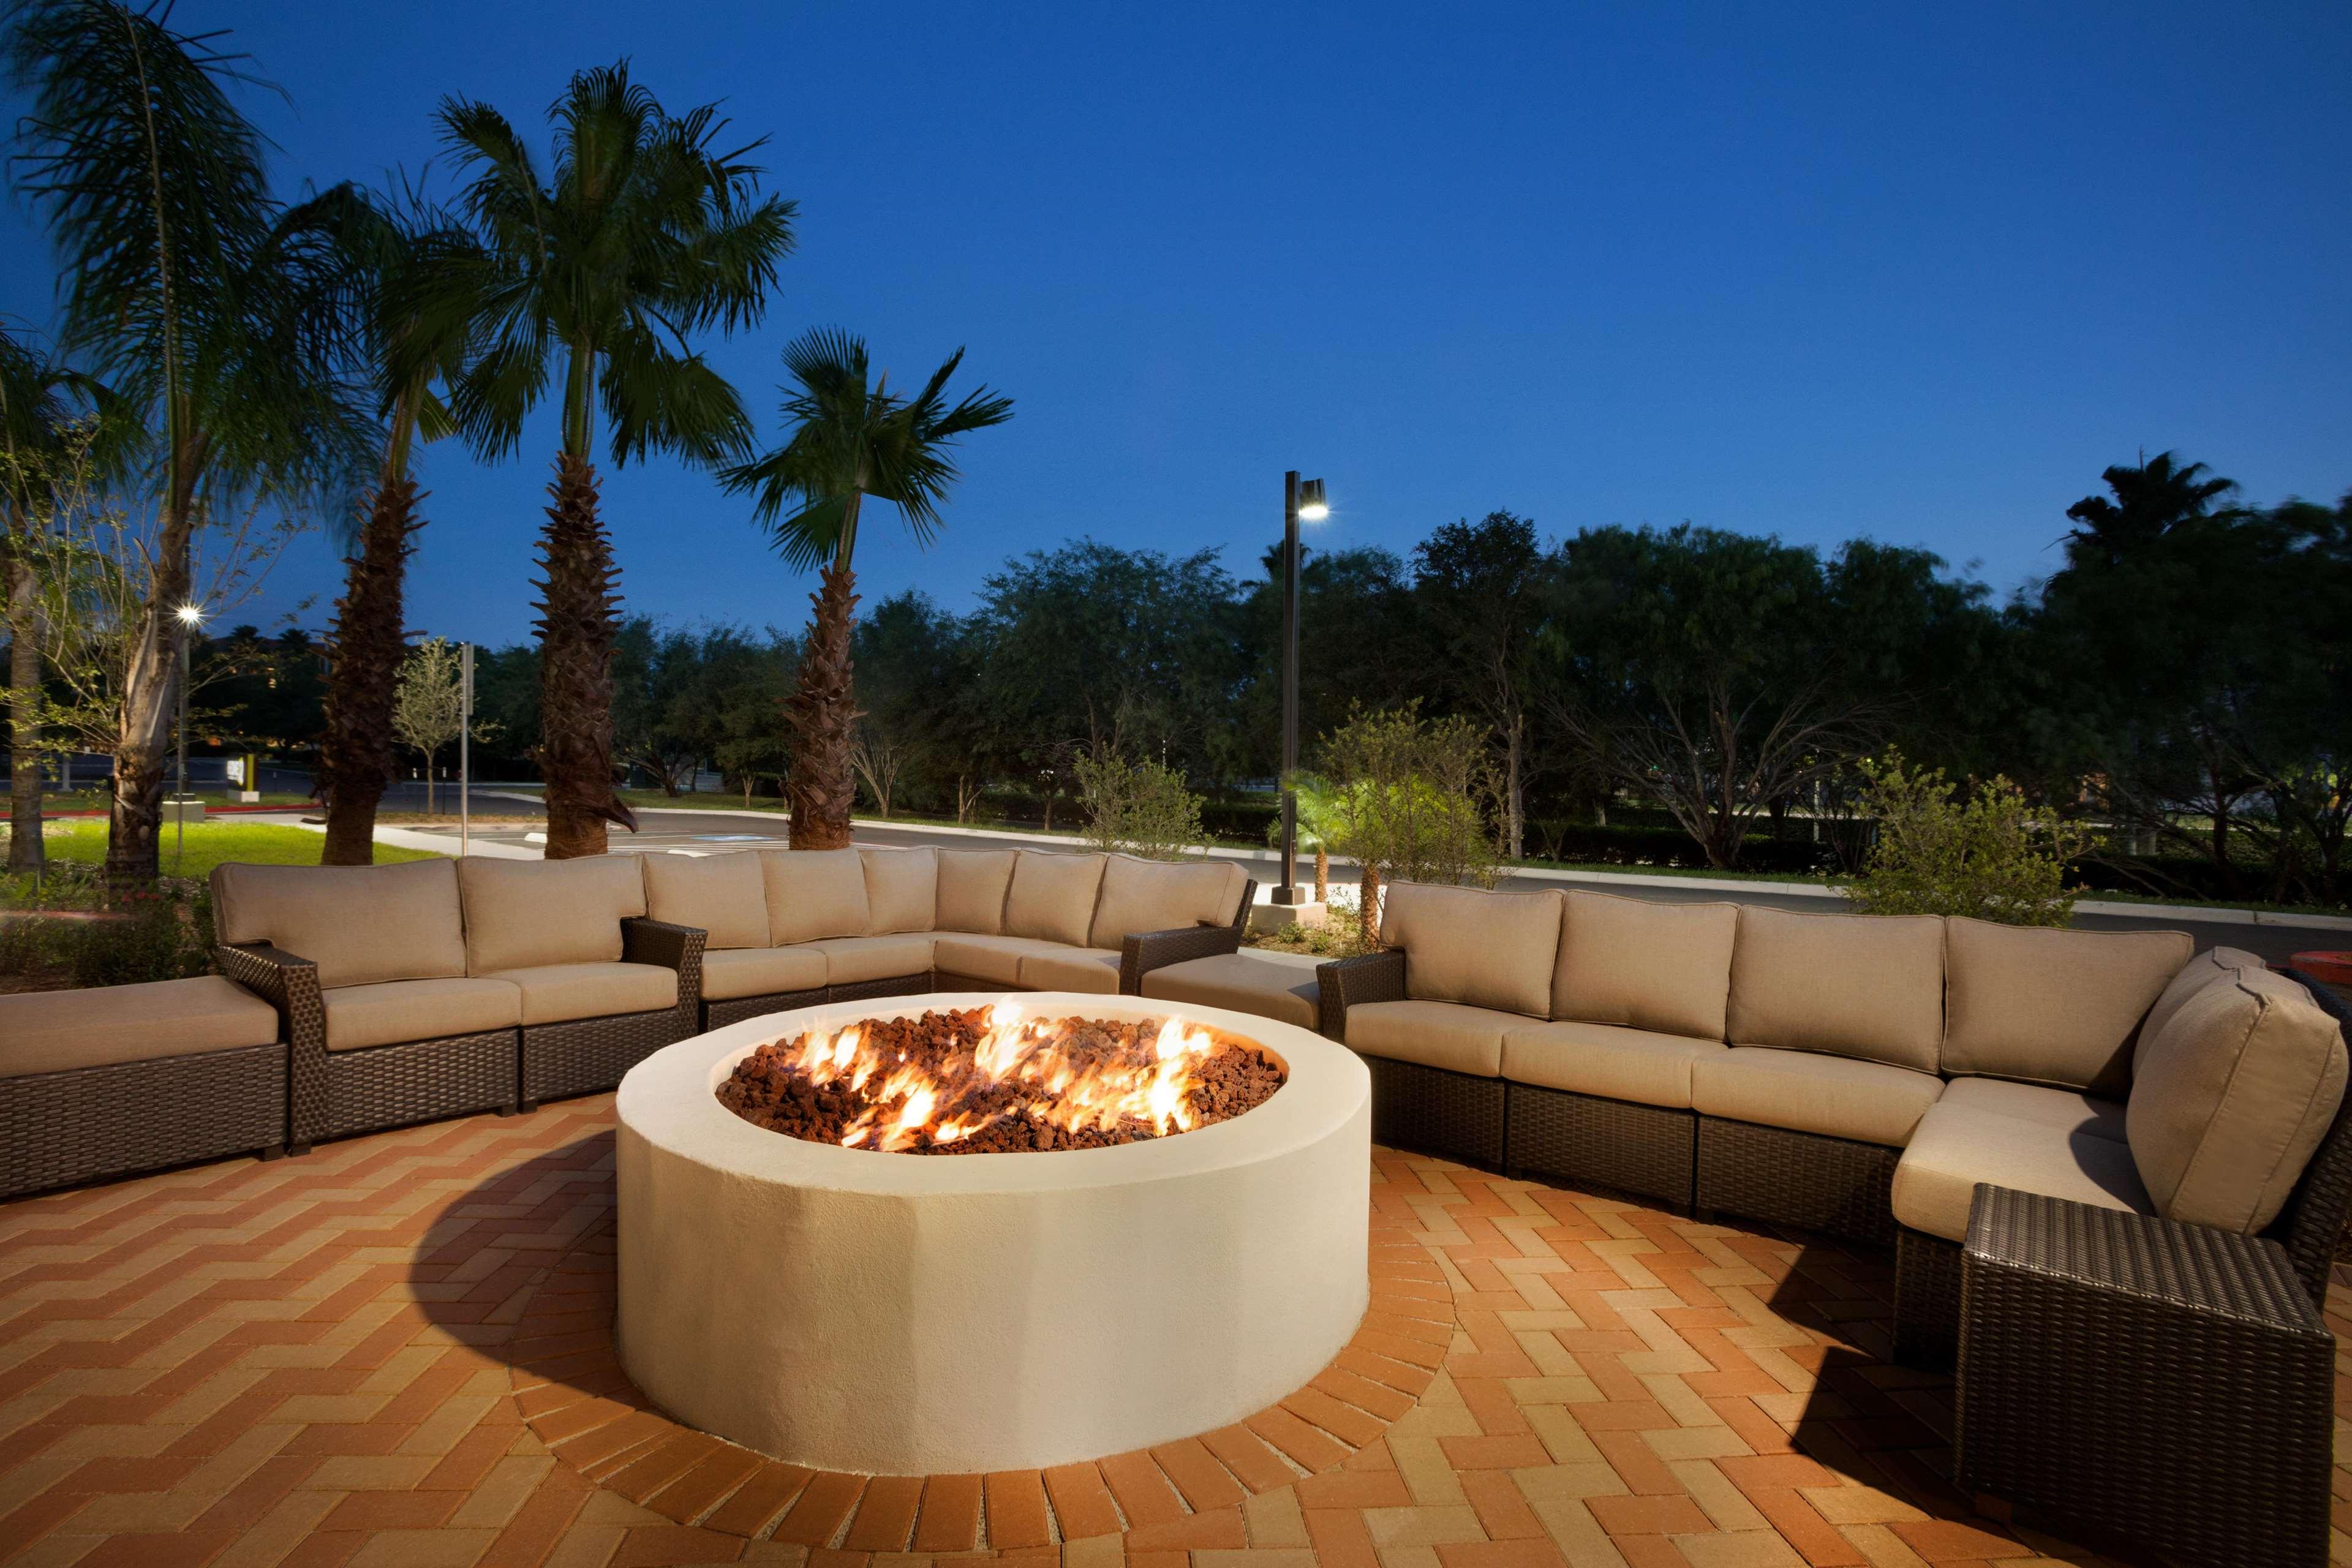 Home2 Suites by Hilton McAllen image 1